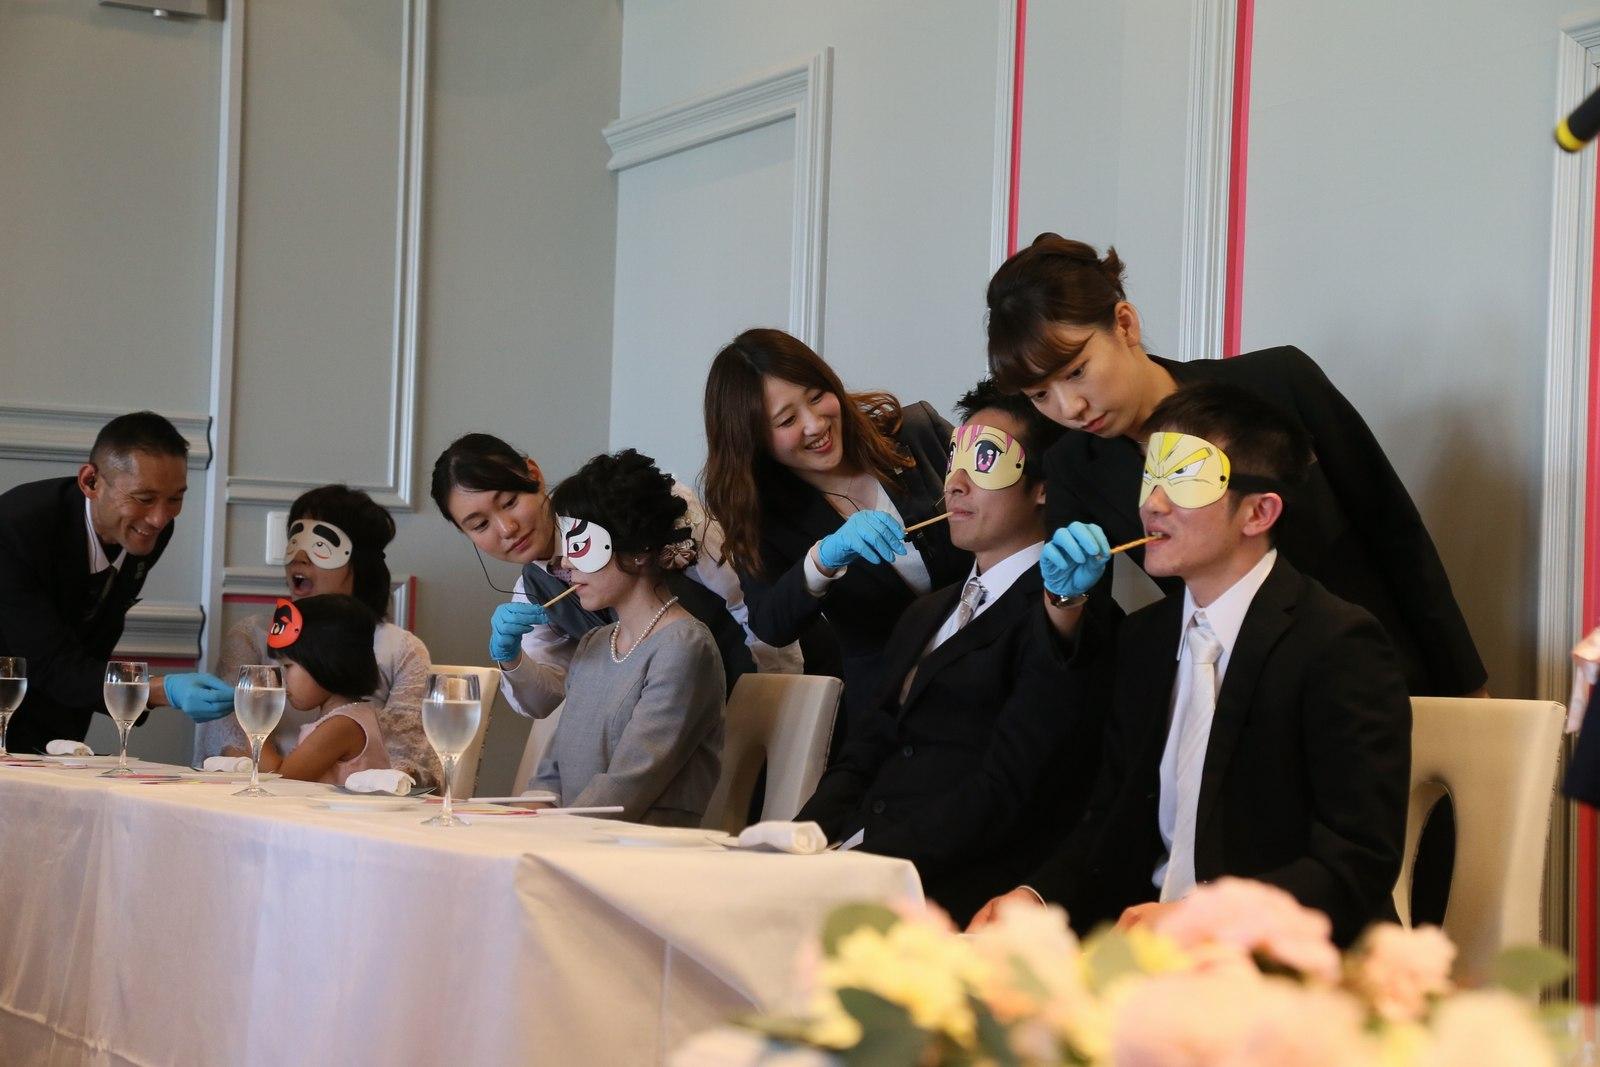 徳島市の結婚式場ブランアンジュで披露宴でのゲスト参加型イベント